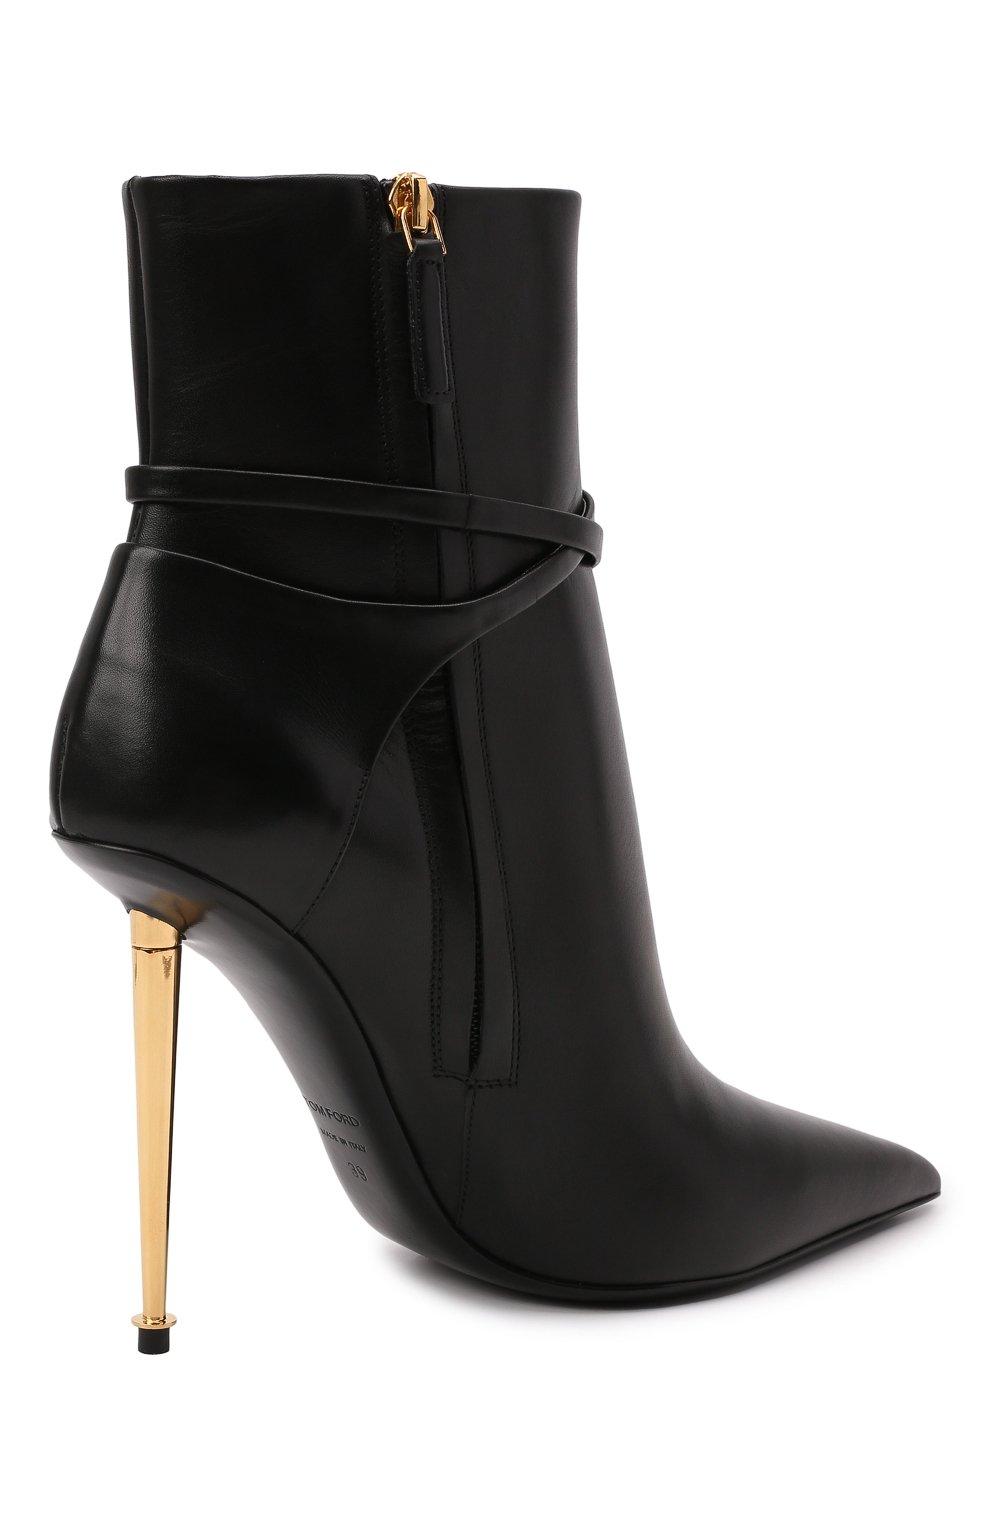 Женские кожаные ботильоны TOM FORD черного цвета, арт. W2959T-LCL002 | Фото 5 (Каблук высота: Высокий; Материал внутренний: Натуральная кожа; Каблук тип: Шпилька; Подошва: Плоская)